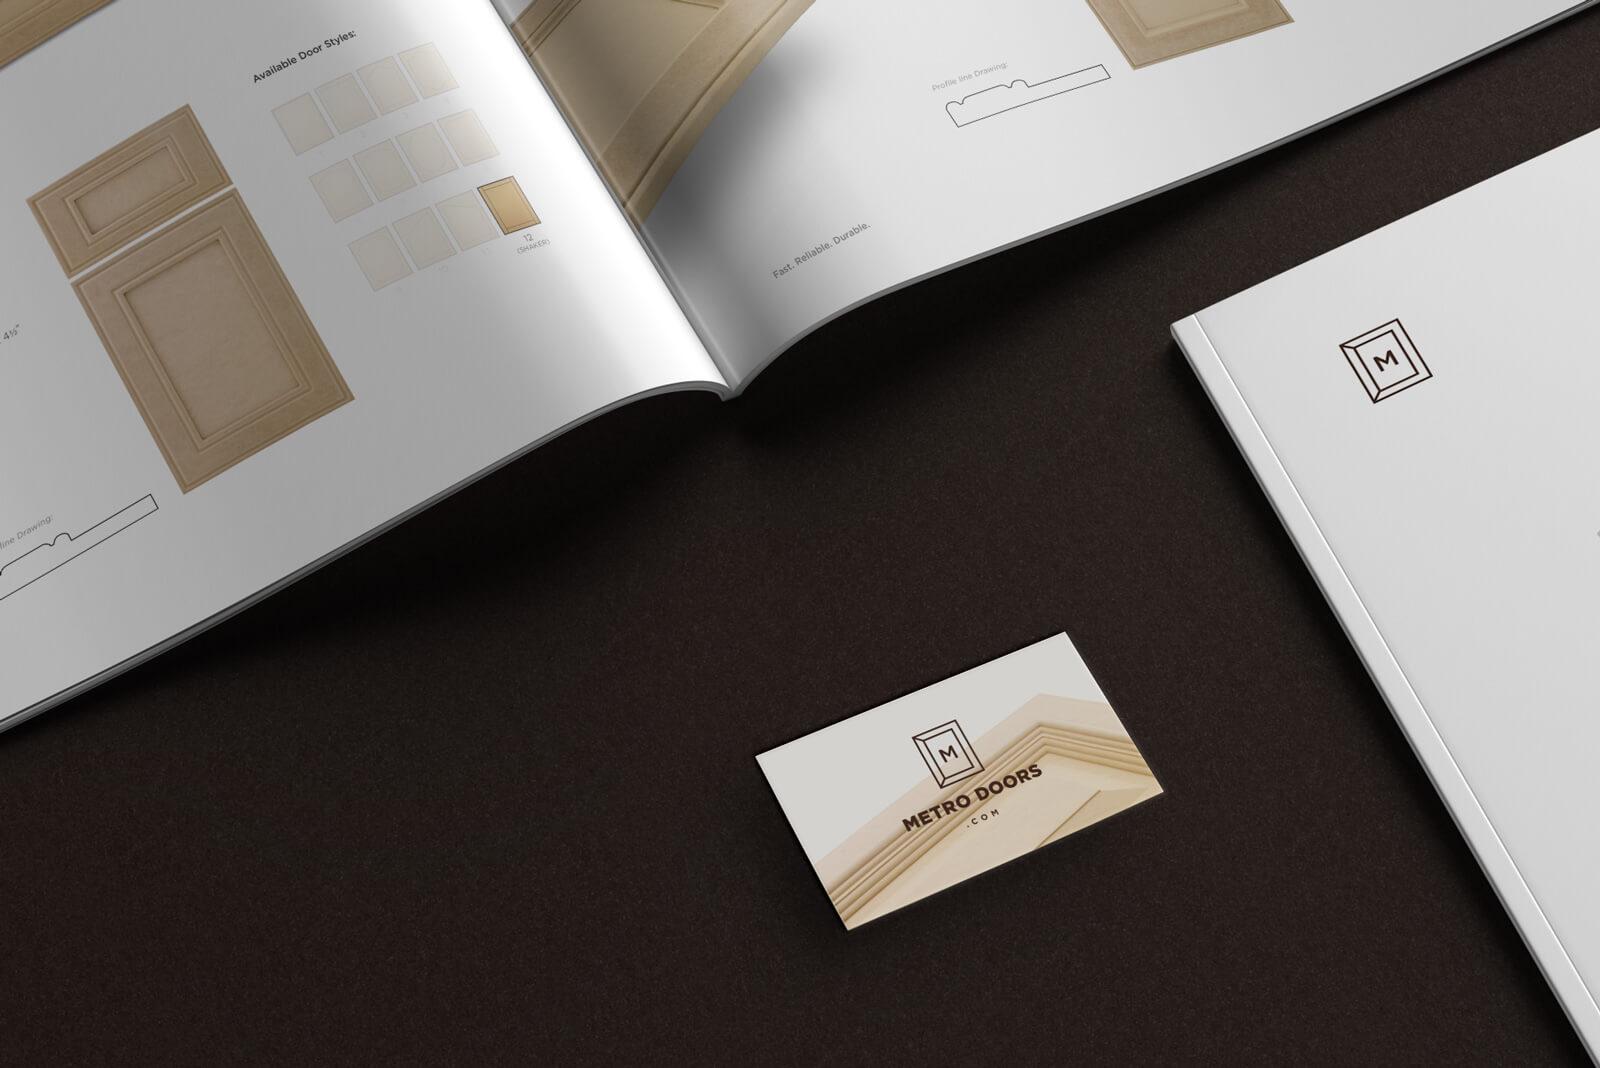 metrodoors-branding-catalog-5